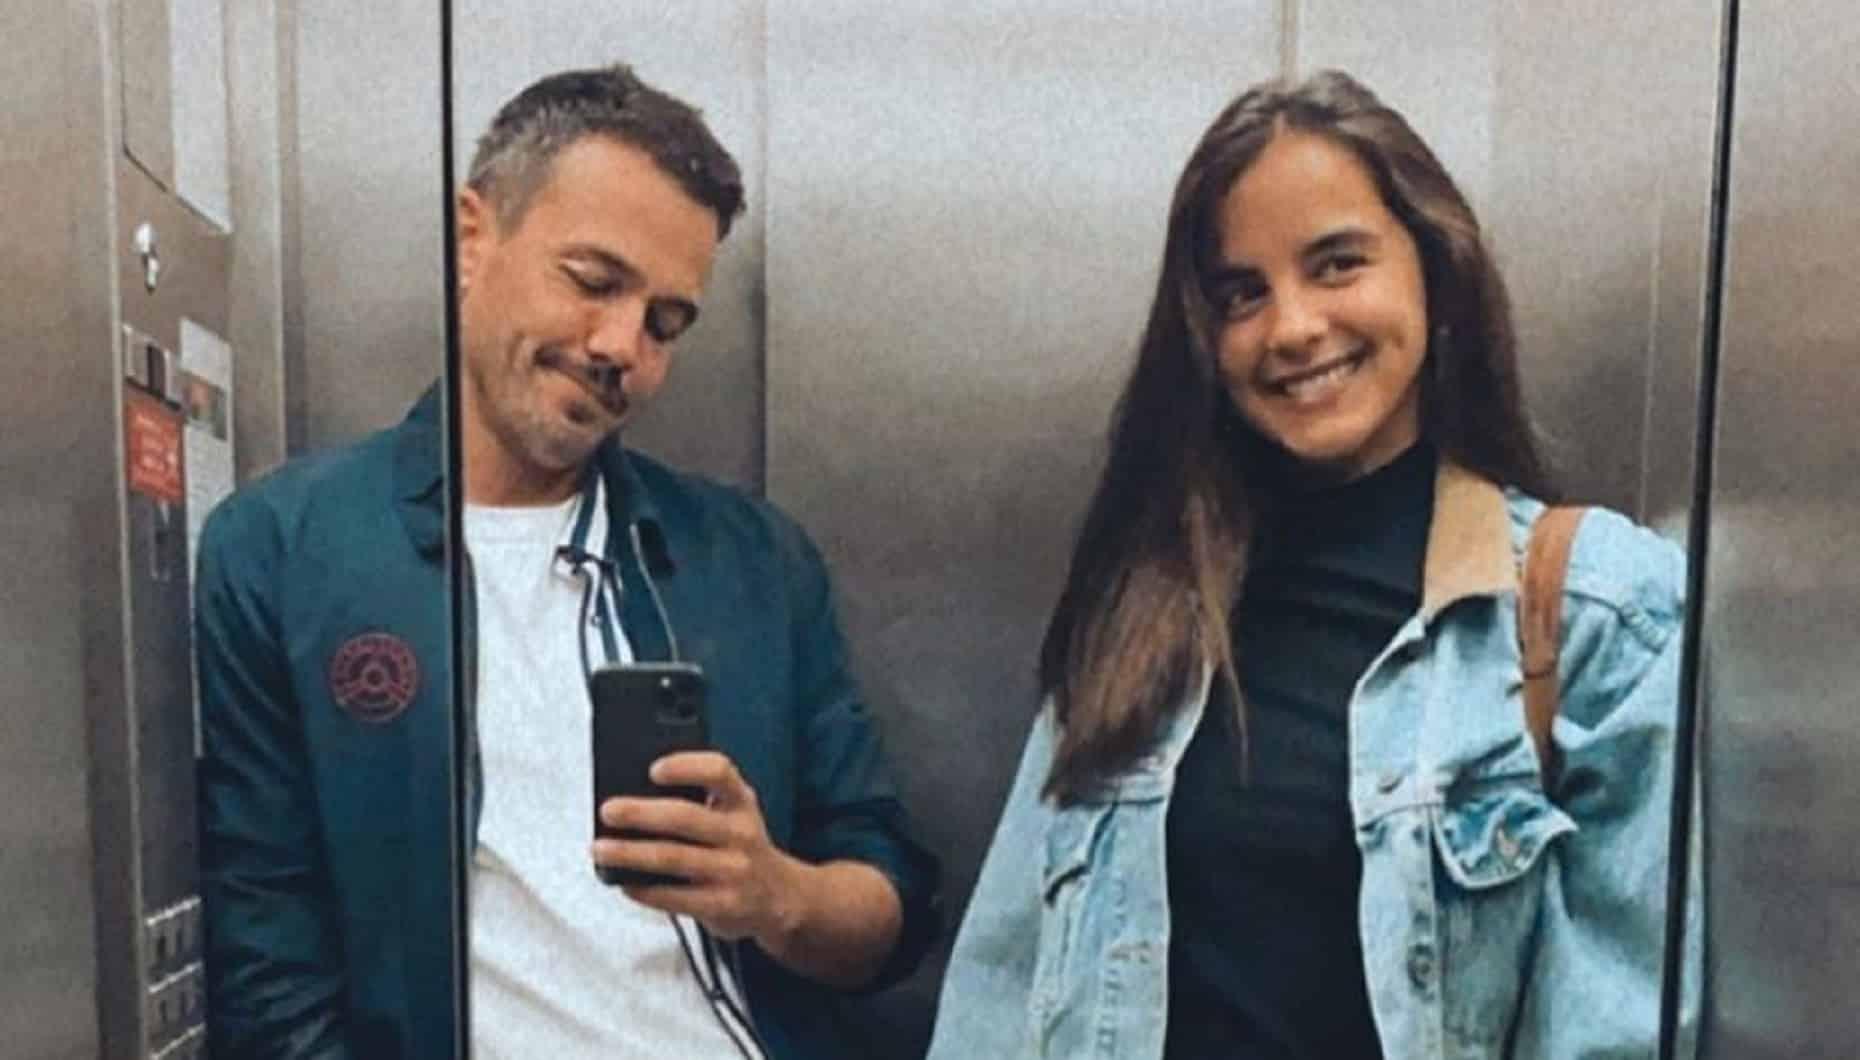 Sara Matos, Pedro Teixeira